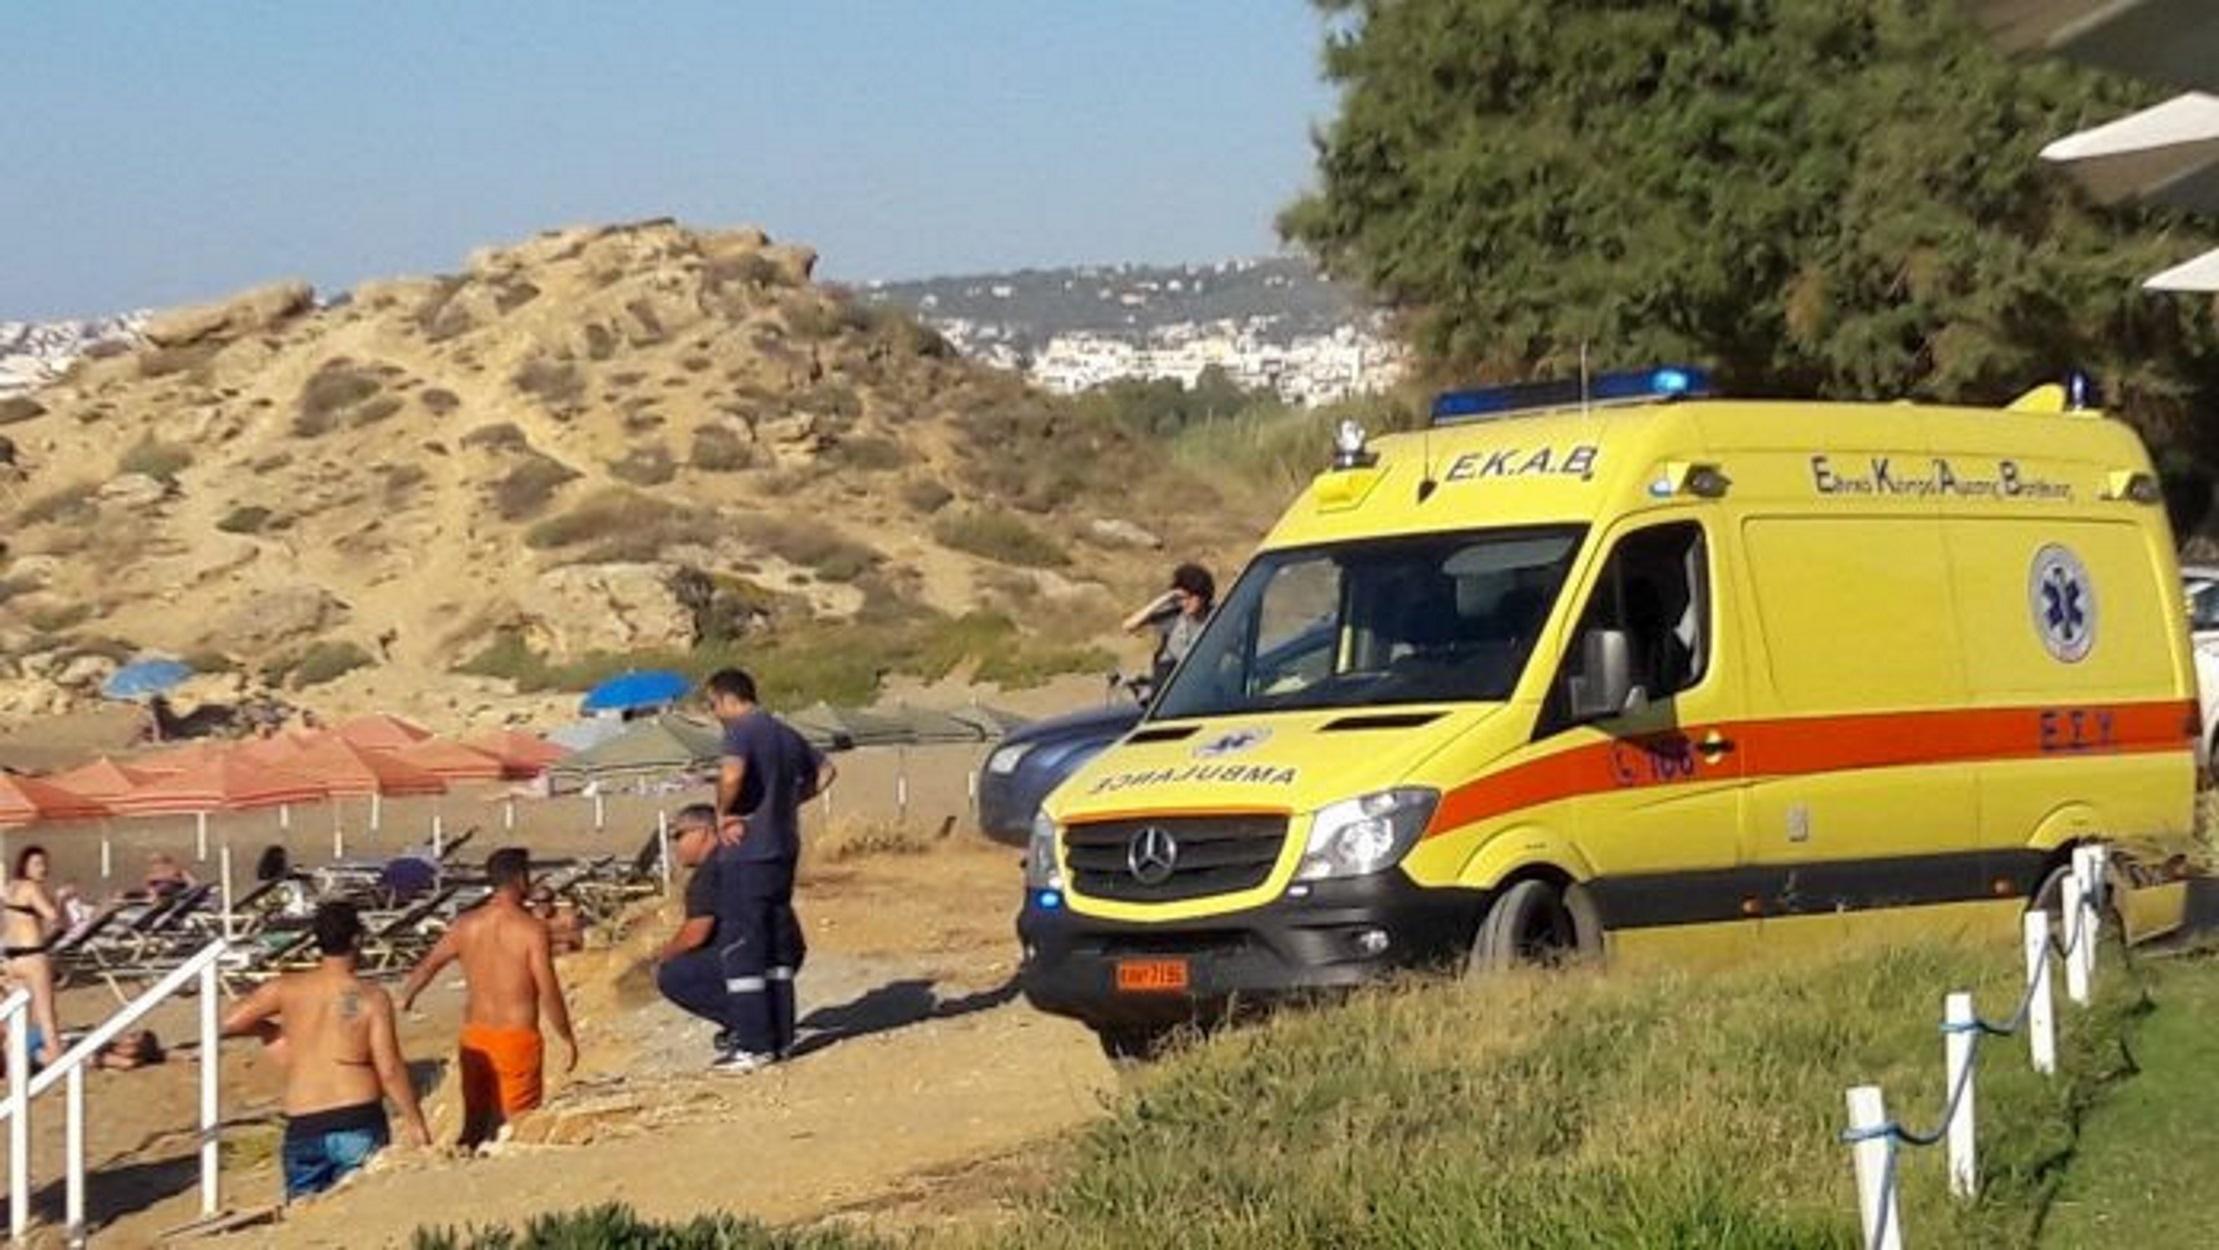 Σοκ στα Χανιά: Νεκρός στην κατάμεστη παραλία των Αγίων Αποστόλων (pic)